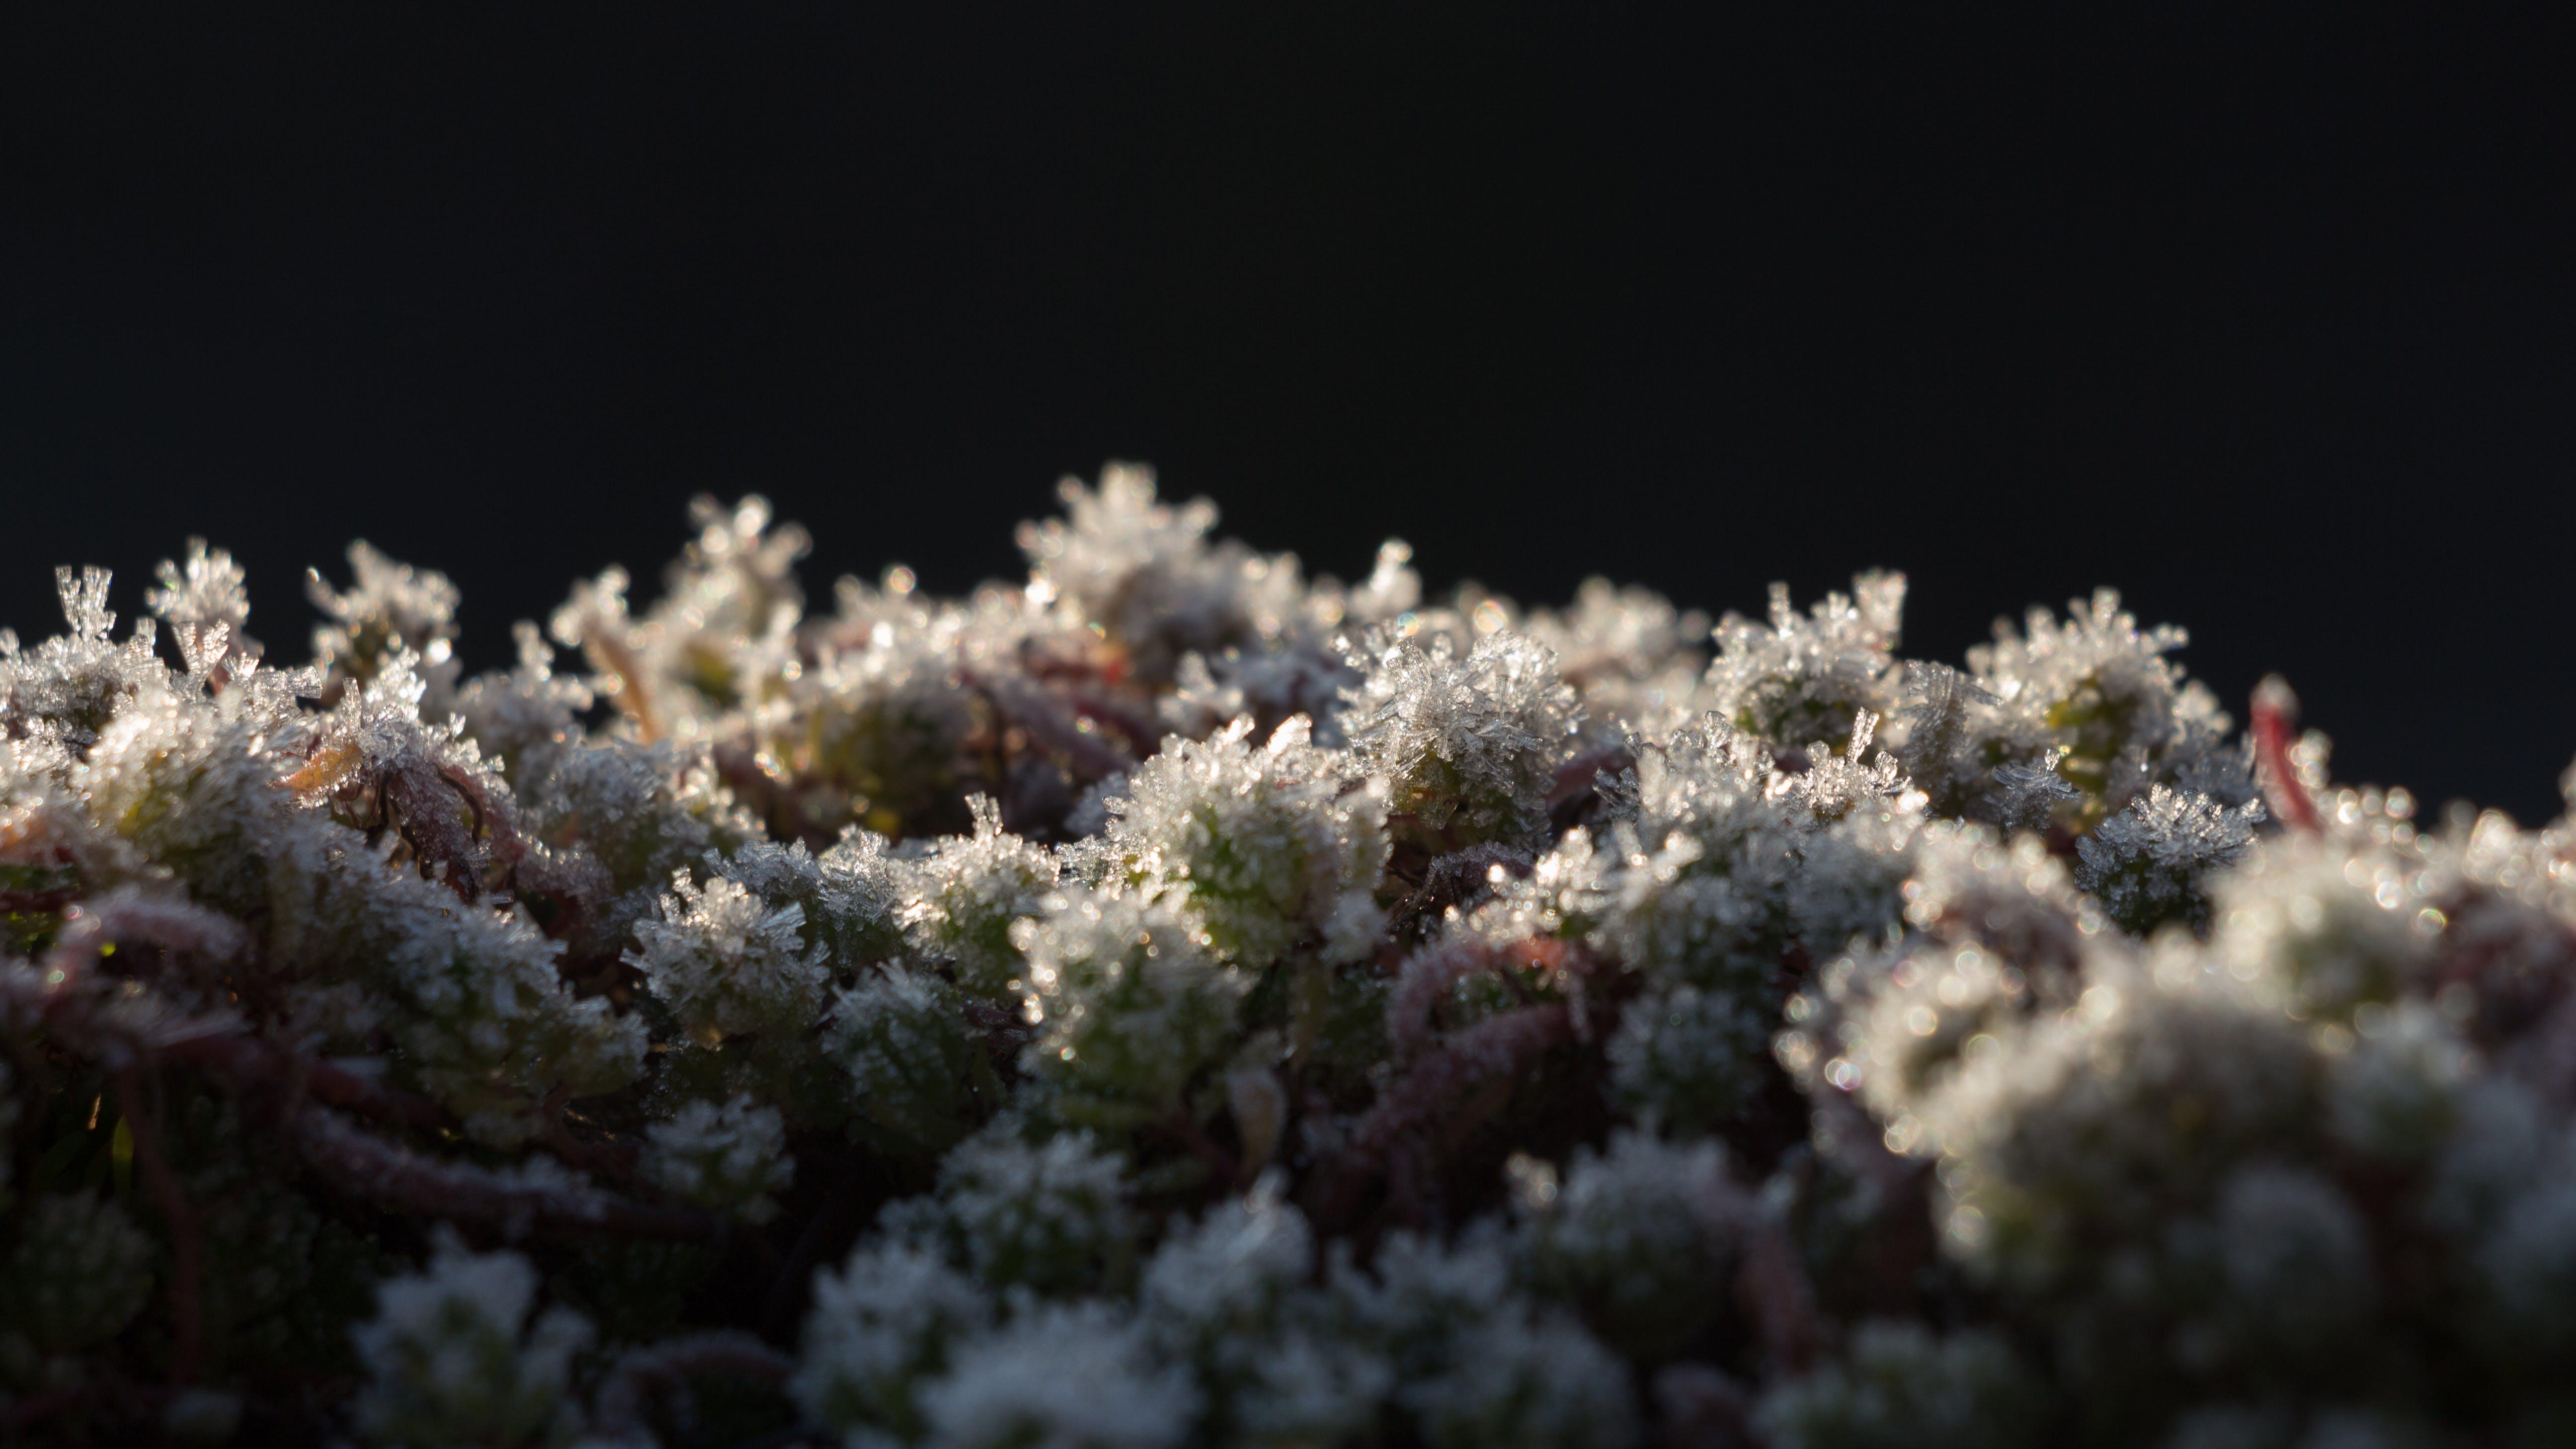 bitkiler, bulanıklık, buz, buz tutmuş içeren Ücretsiz stok fotoğraf